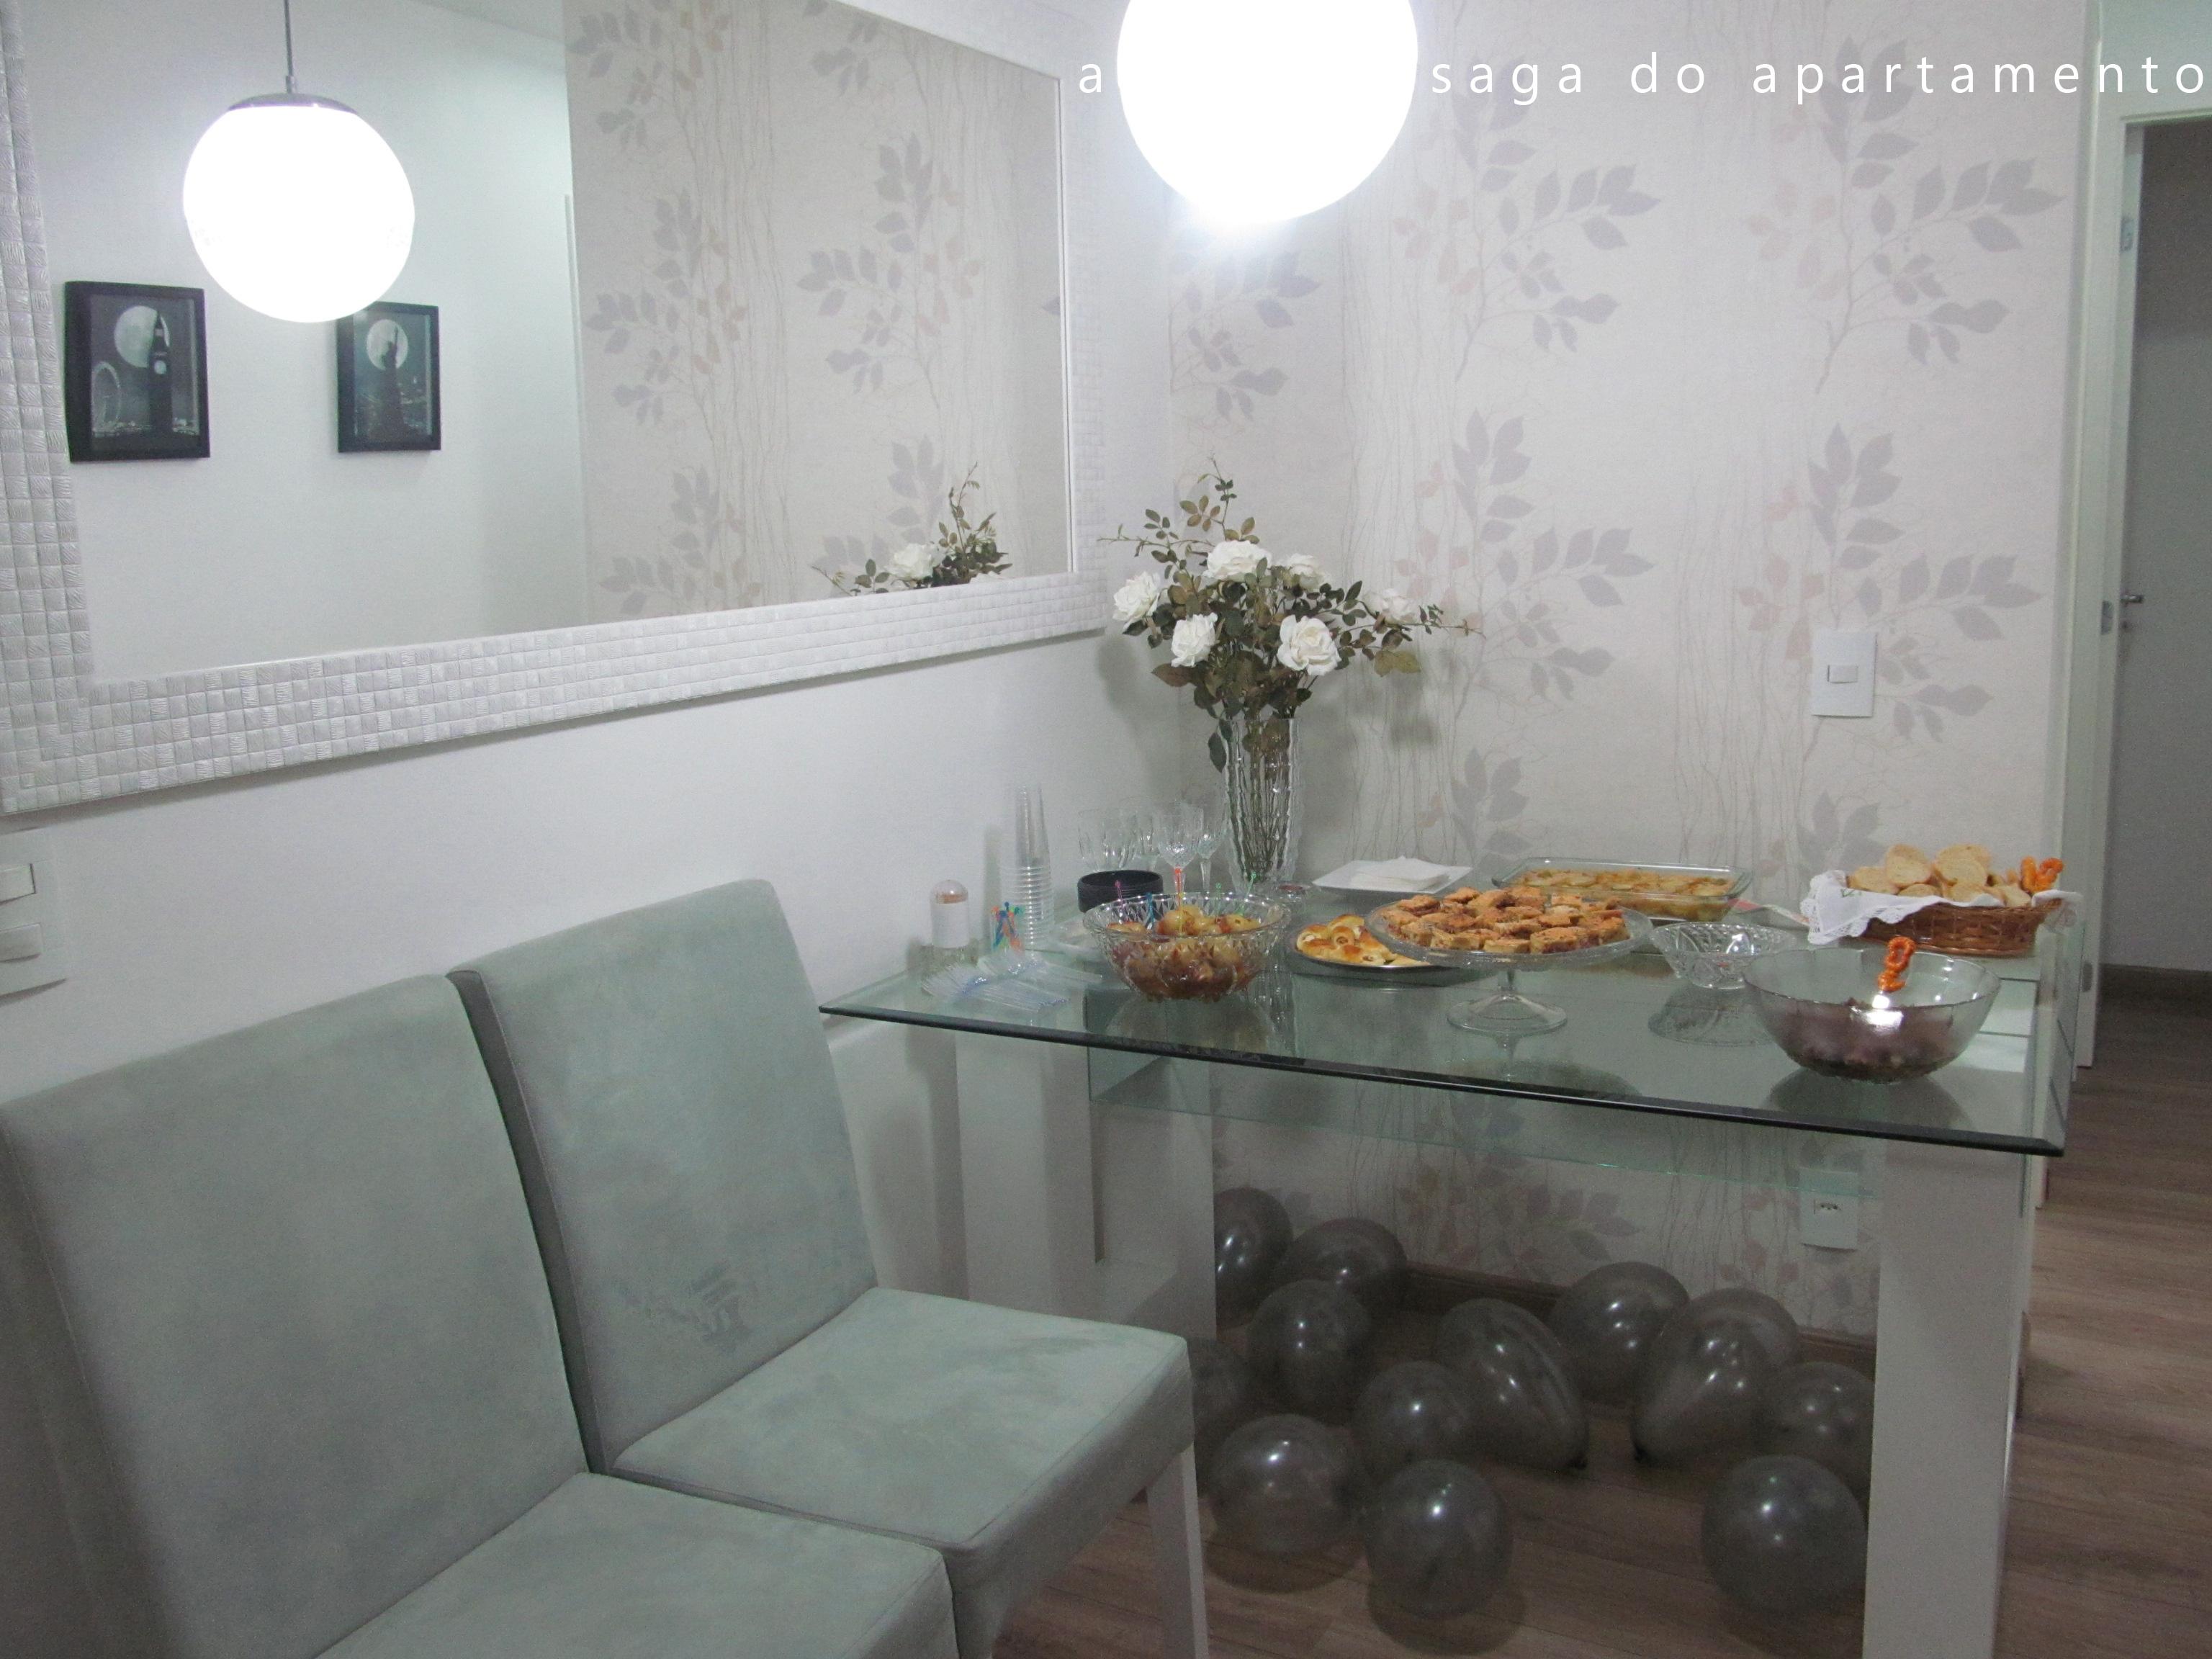 Durafloor Carvalho Dover A Saga Do Apartamento -> Papel De Parede Sala Mrv